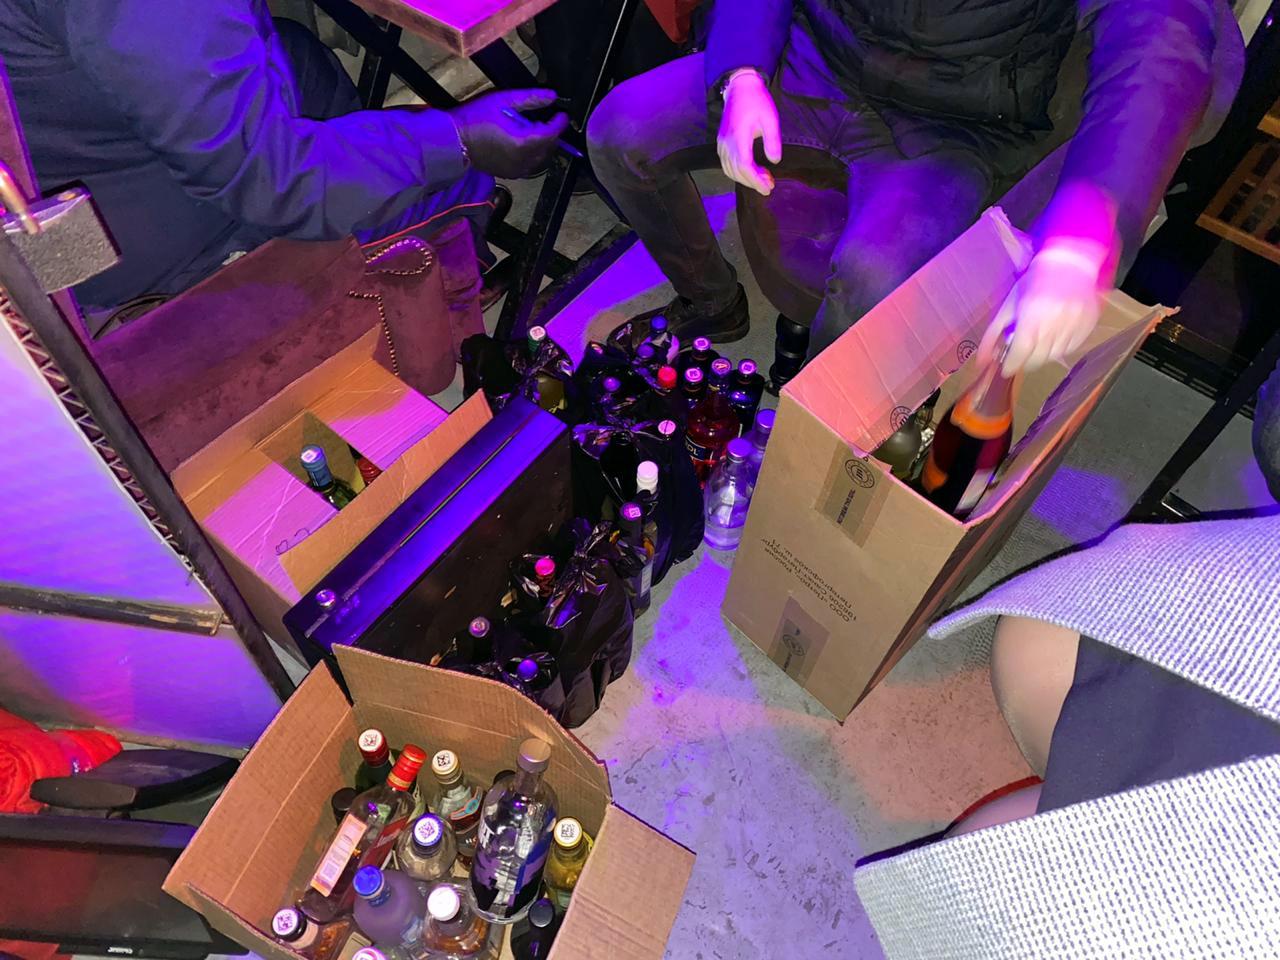 алкоголь, спиртные напитки, проверка, рейд